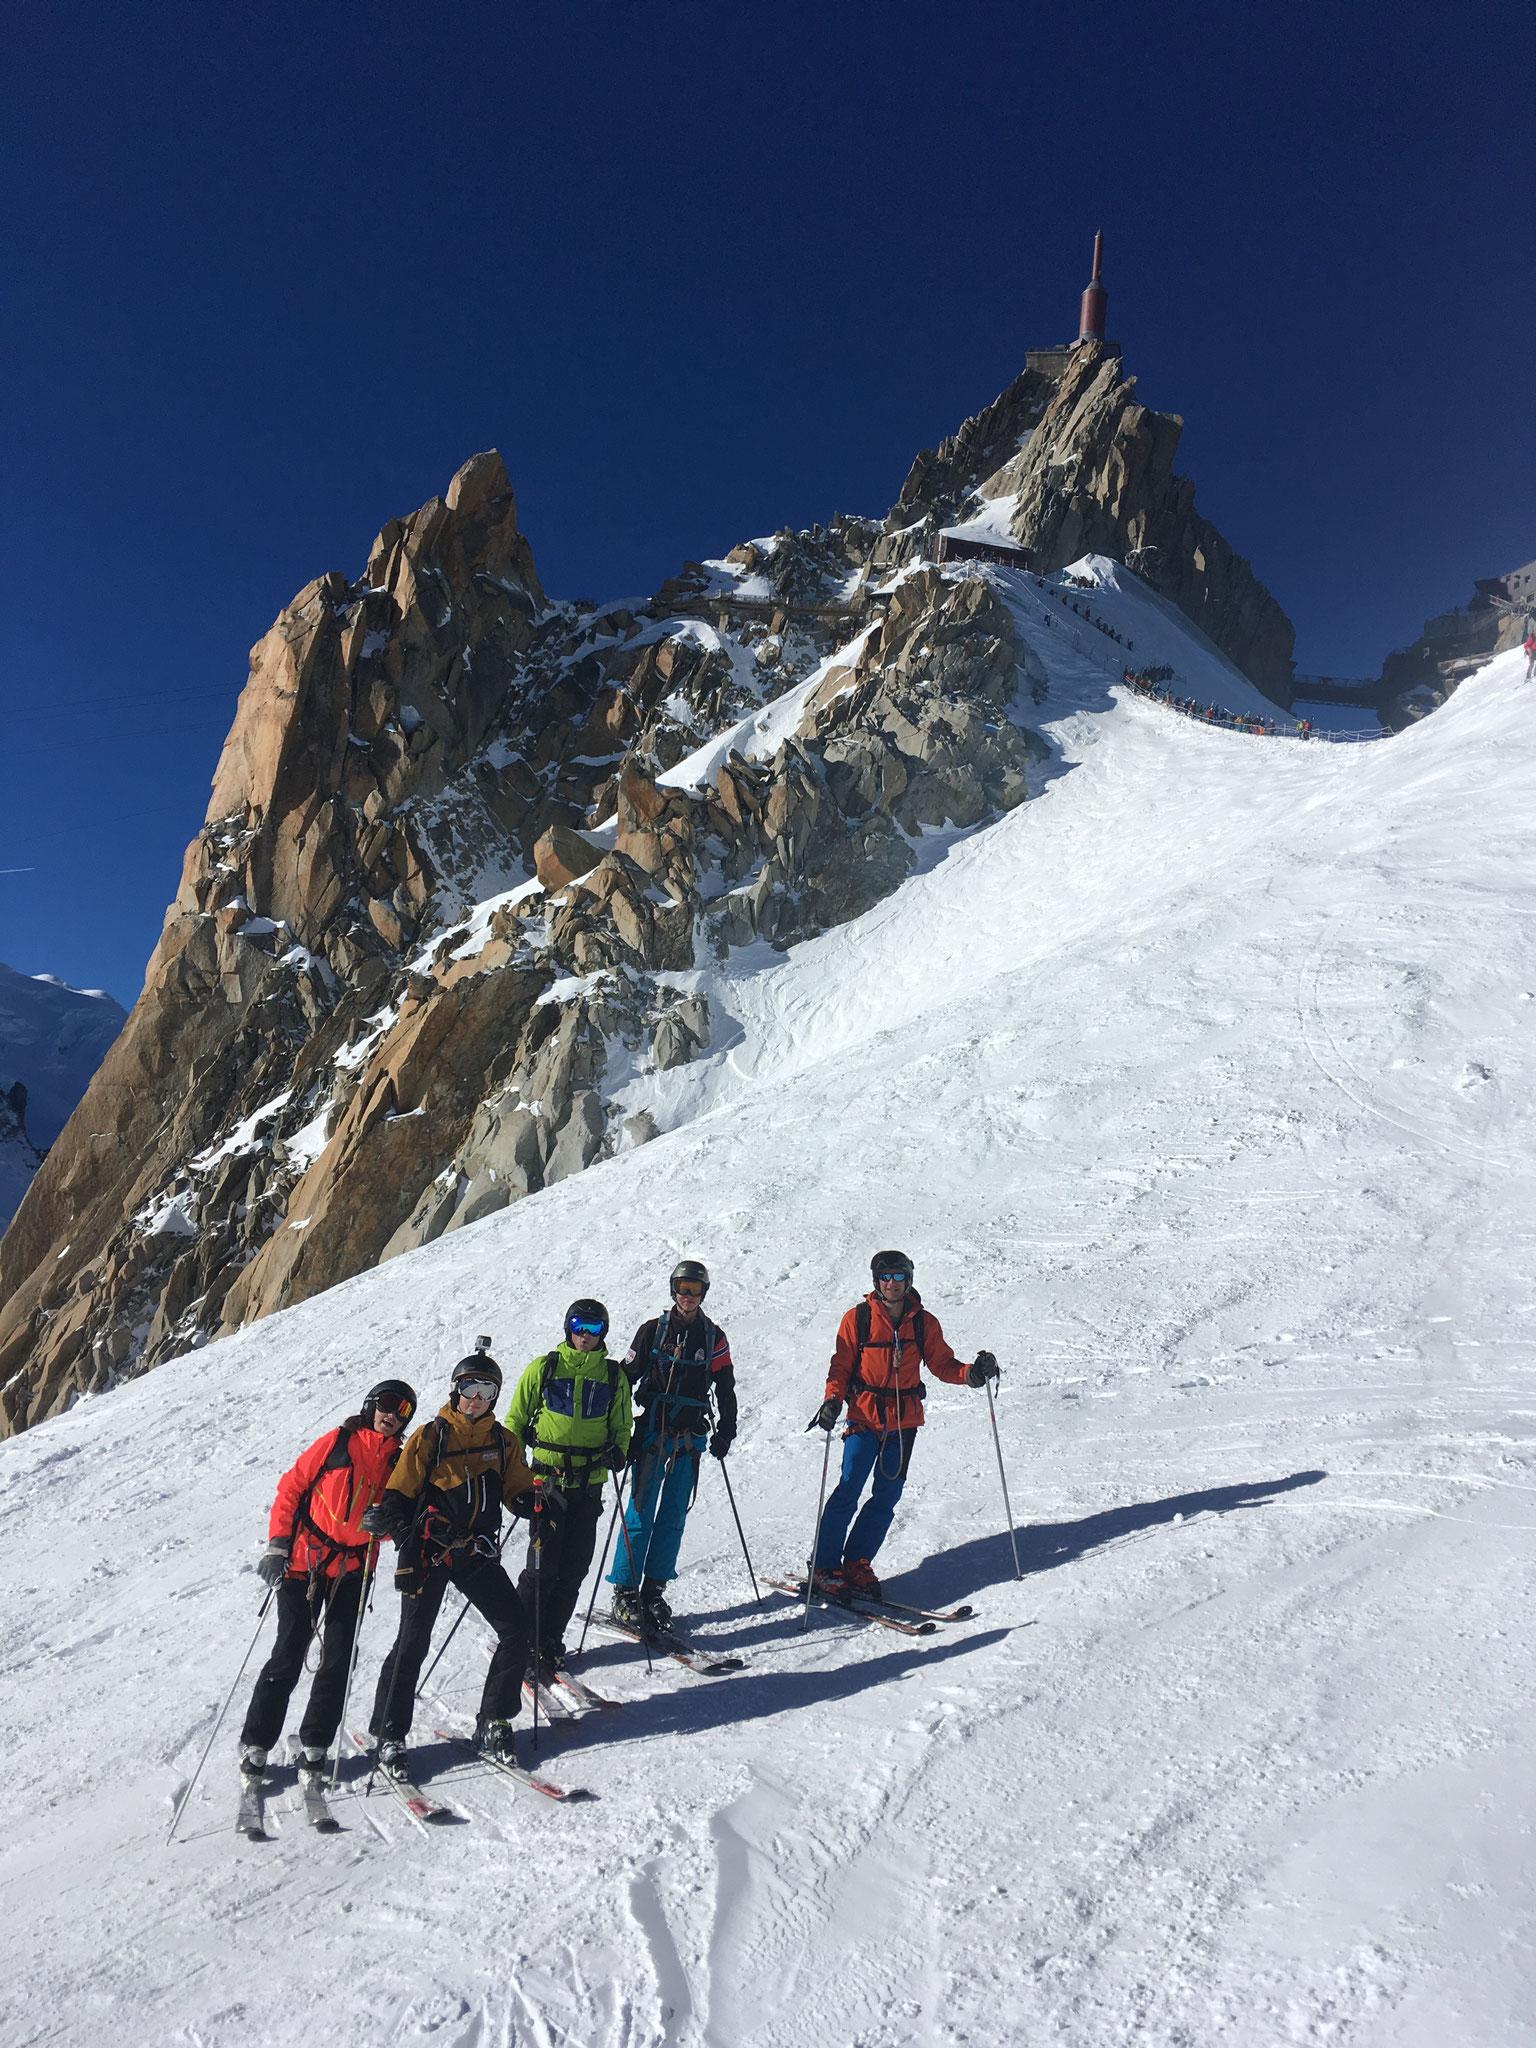 L'équipe prête pour le départ à ski